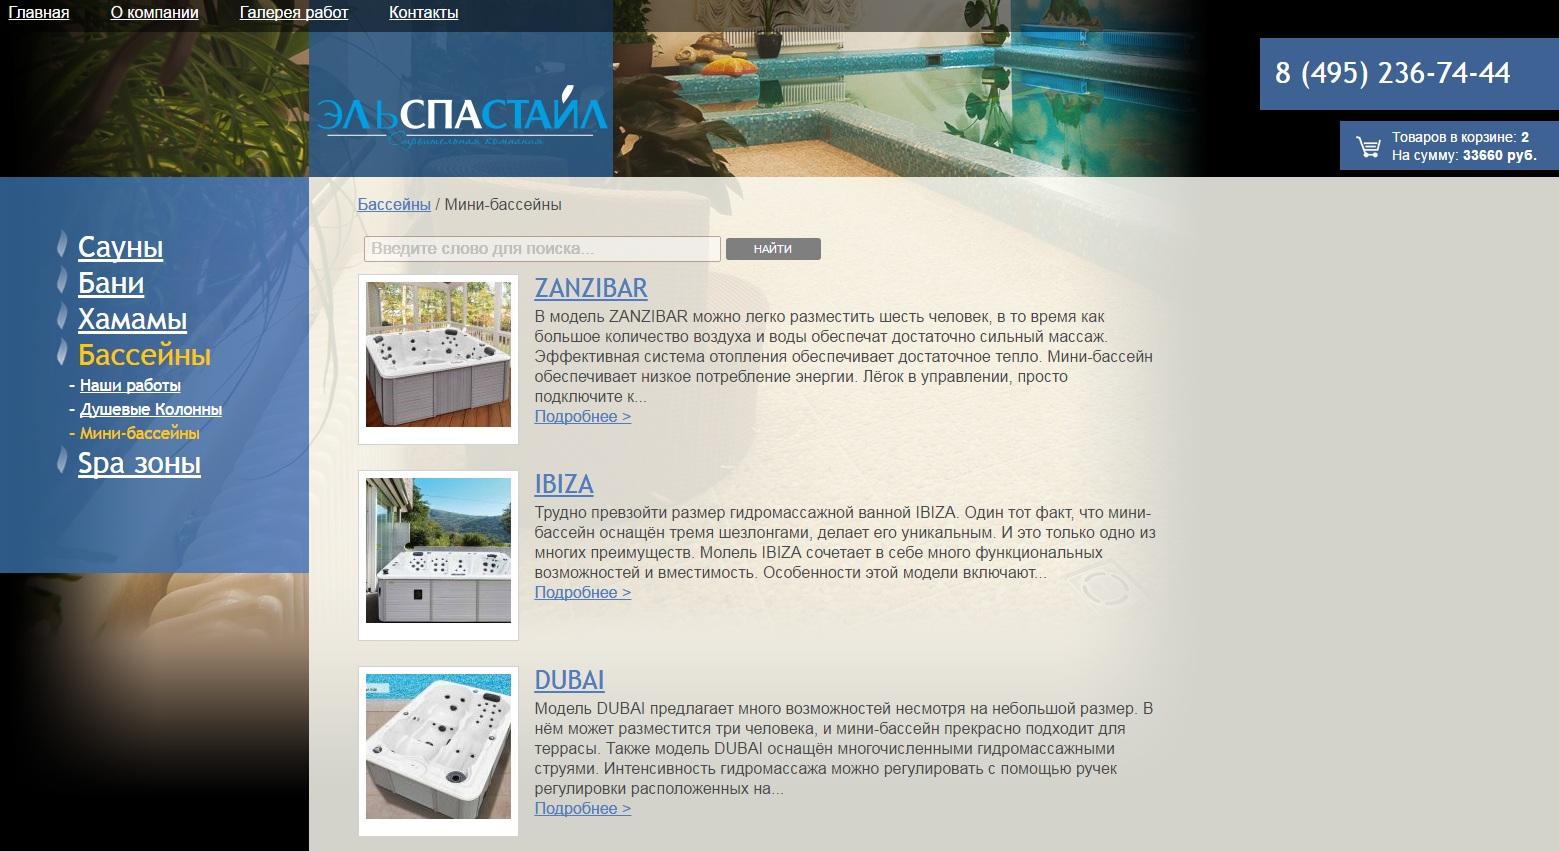 Магазин Оборудования Для Бань, Саун, Бассейнов.